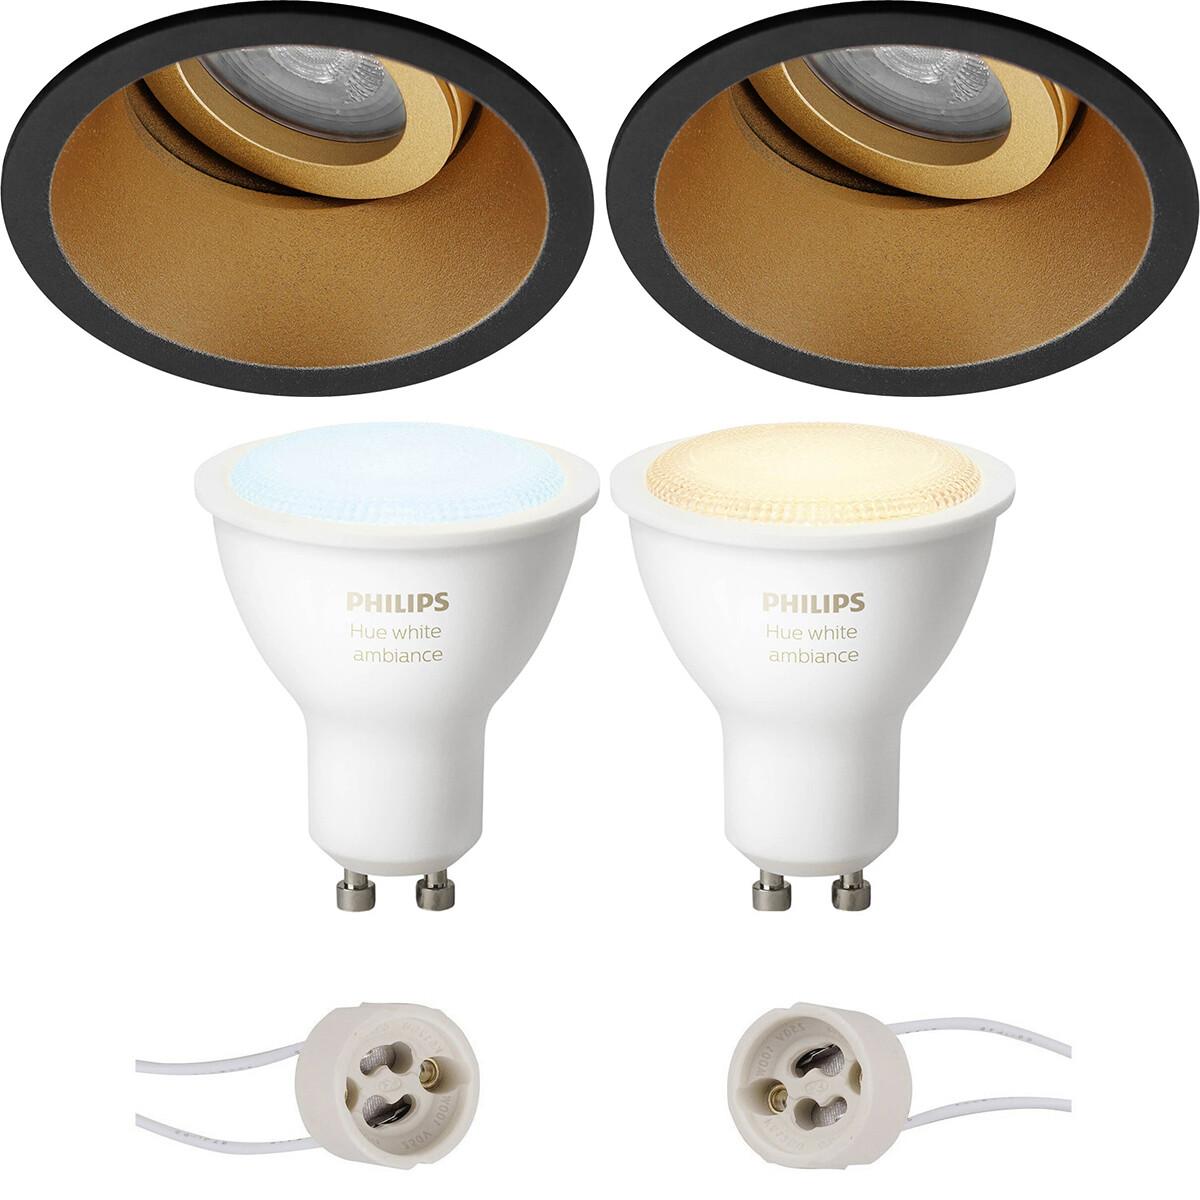 Pragmi Zano Pro - Inbouw Rond - Mat Zwart/Goud - Kantelbaar - Ø93mm - Philips Hue - LED Spot Set GU1